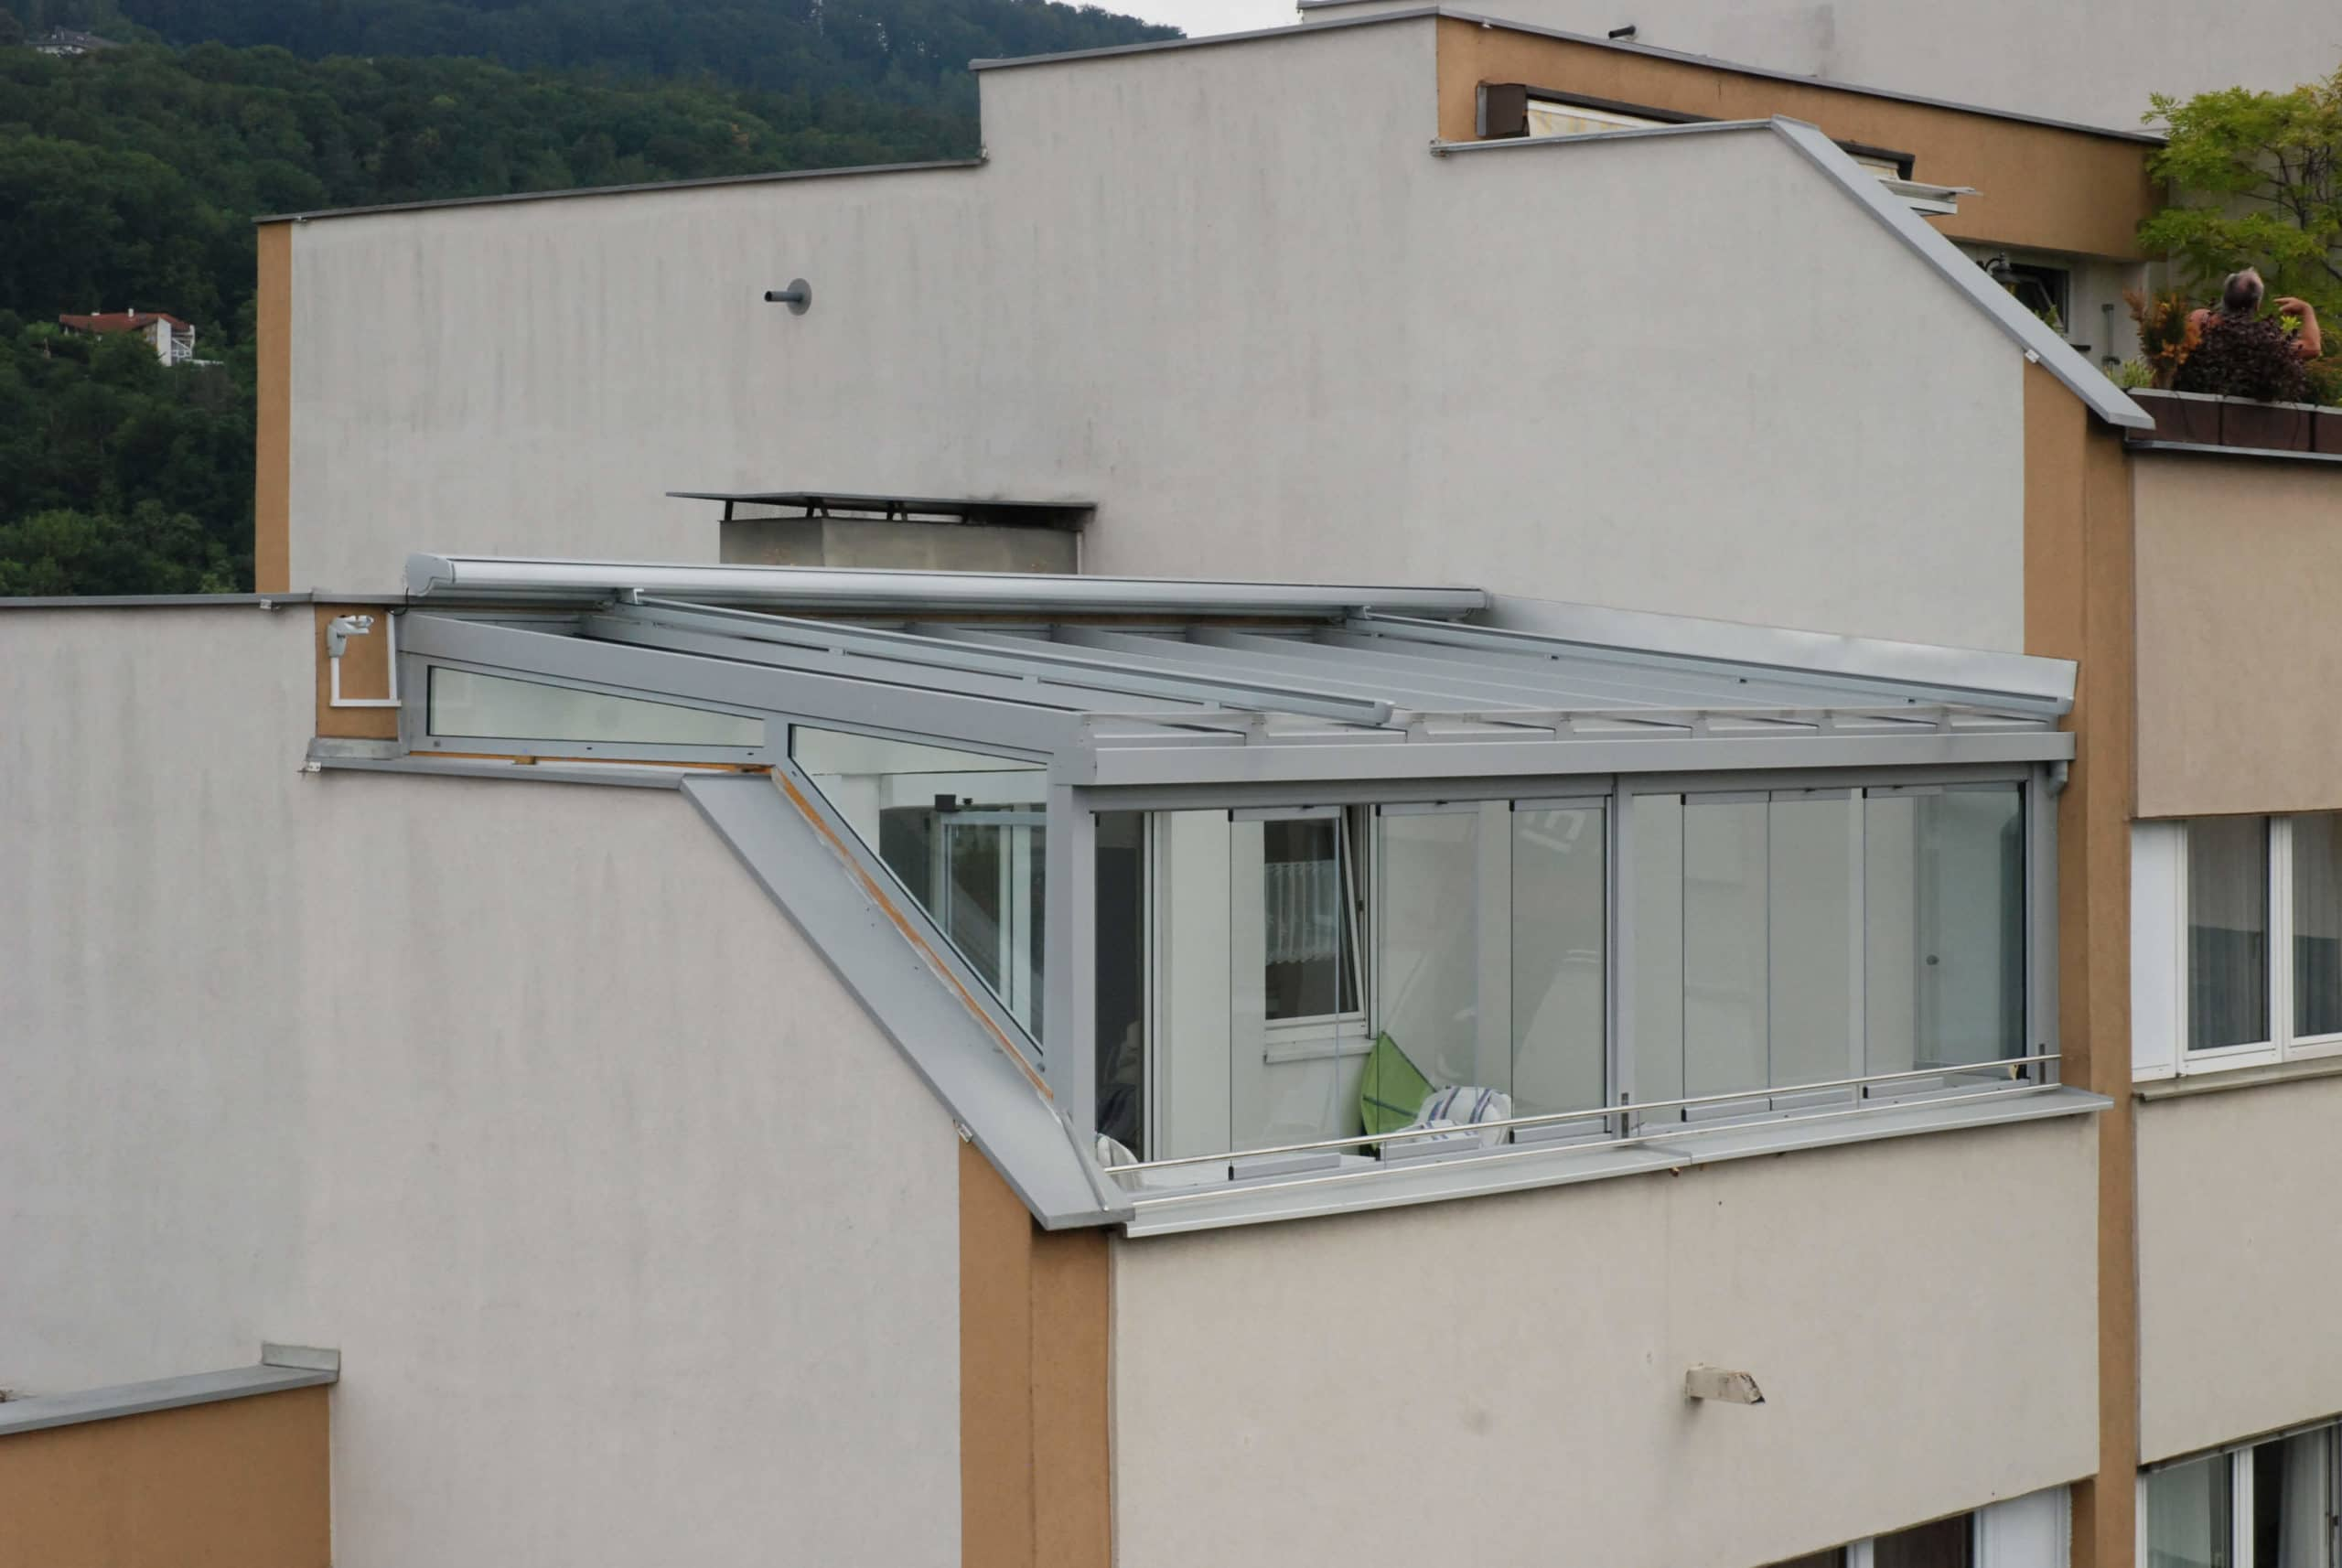 Wintergarten Aluminium mit Beschattung auf Dachterrasse